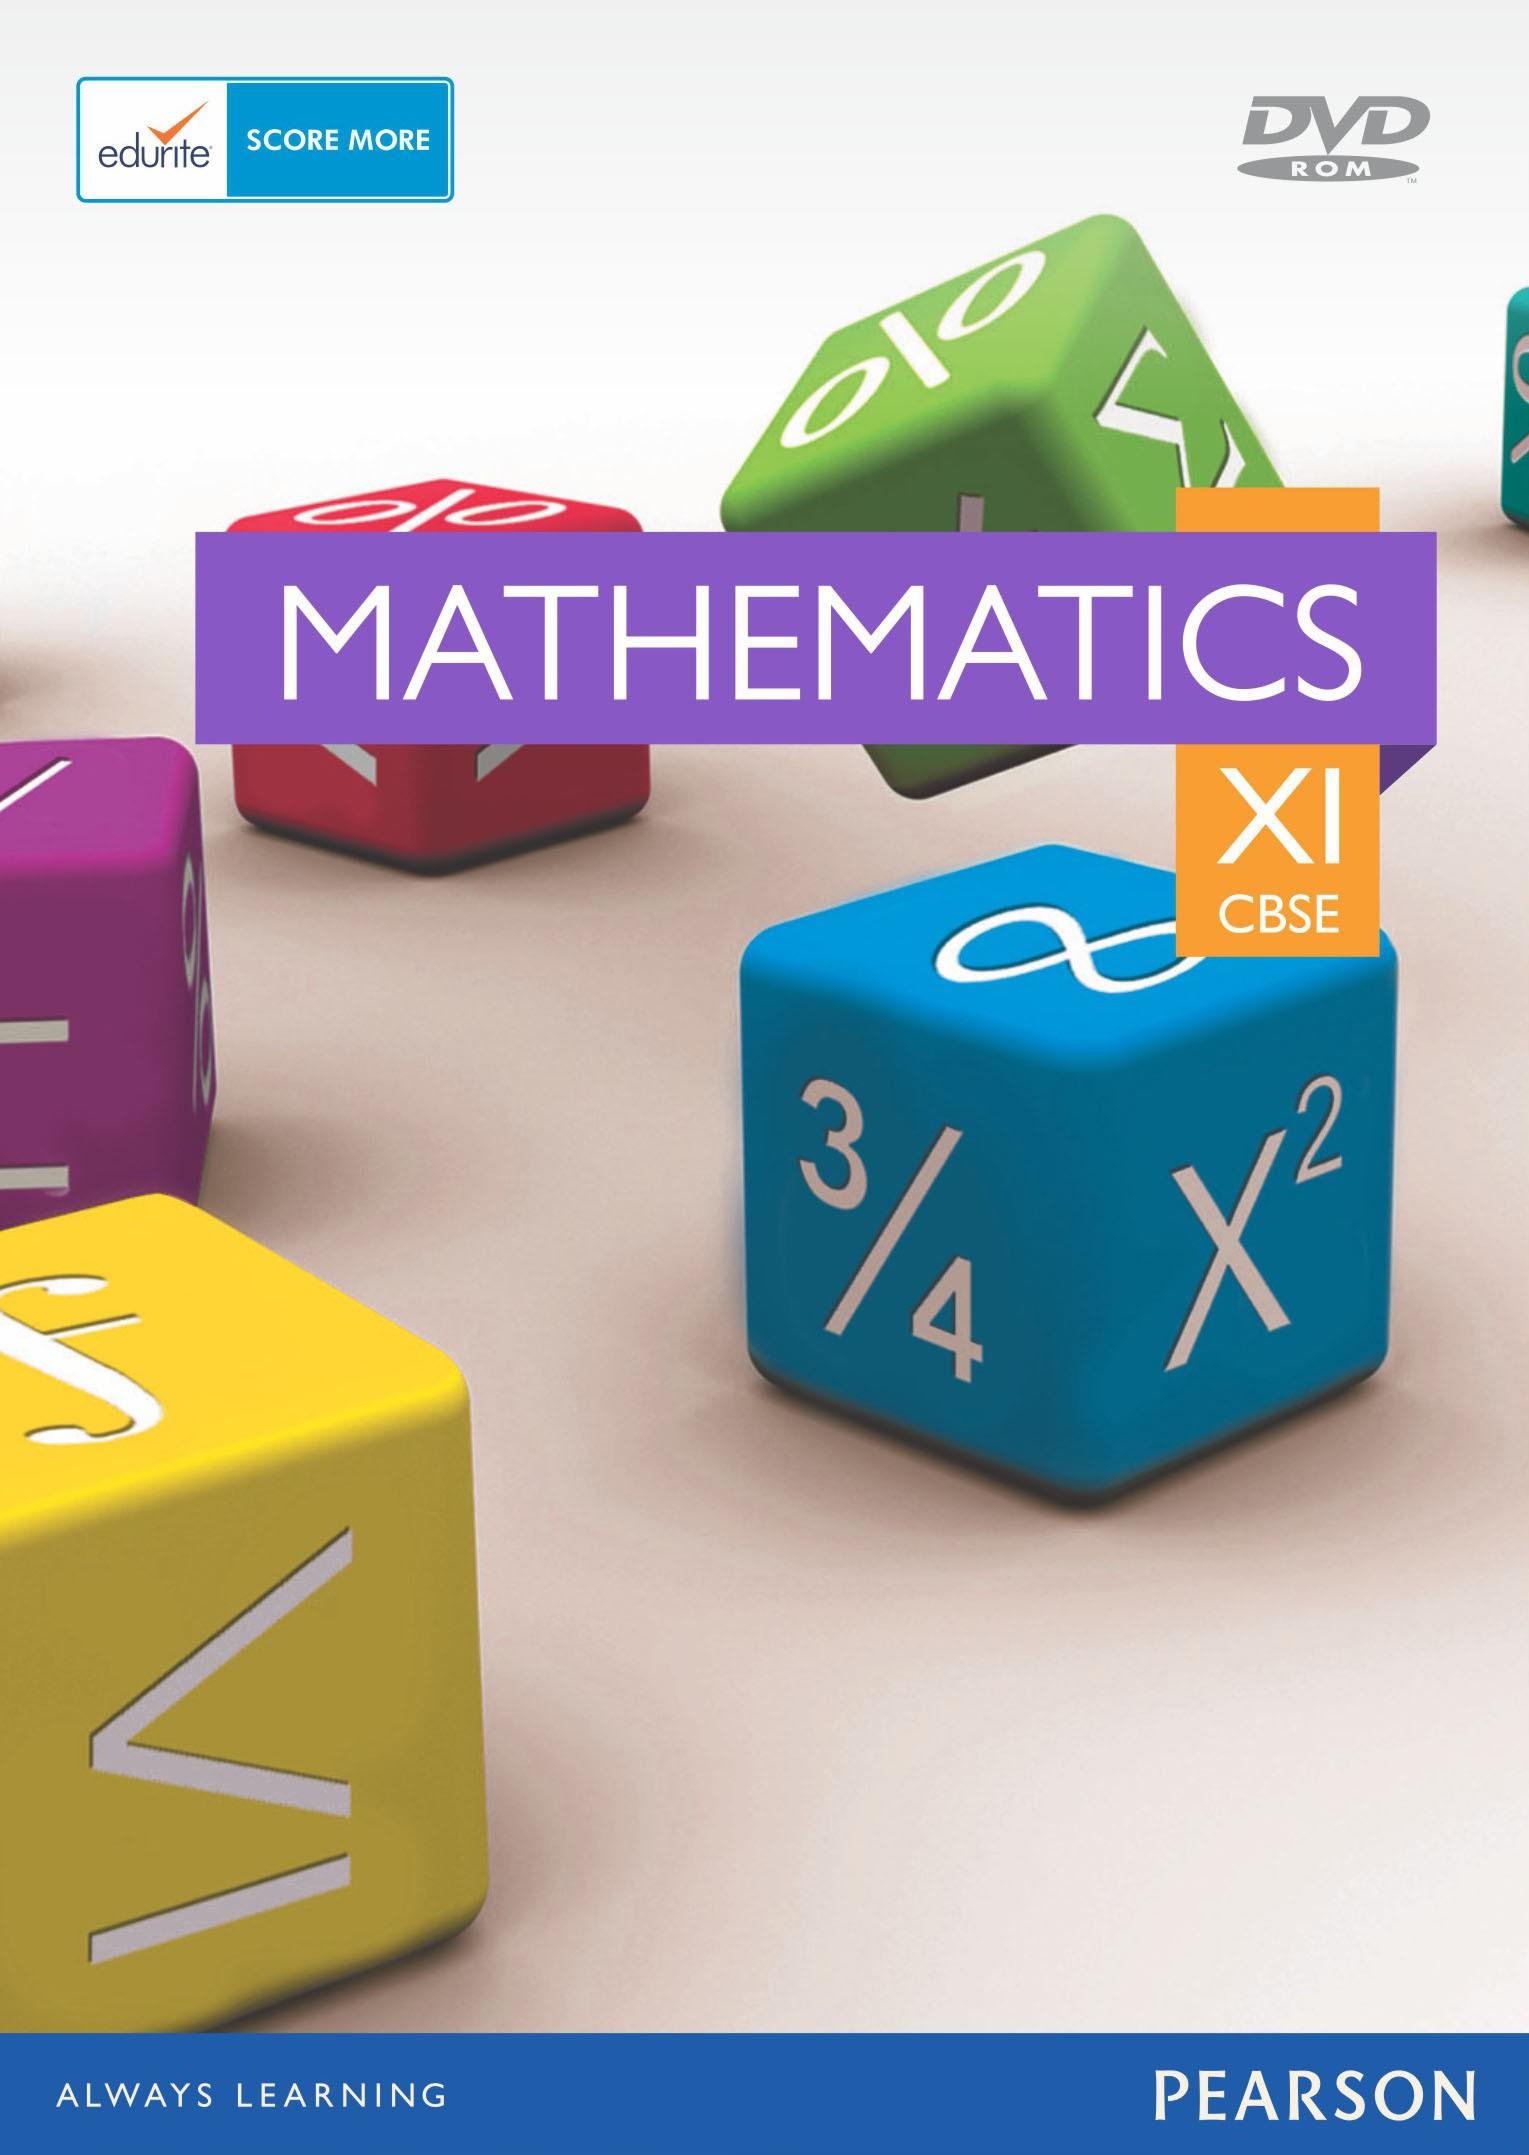 Edurite CBSE Class 11 Maths(DVD)